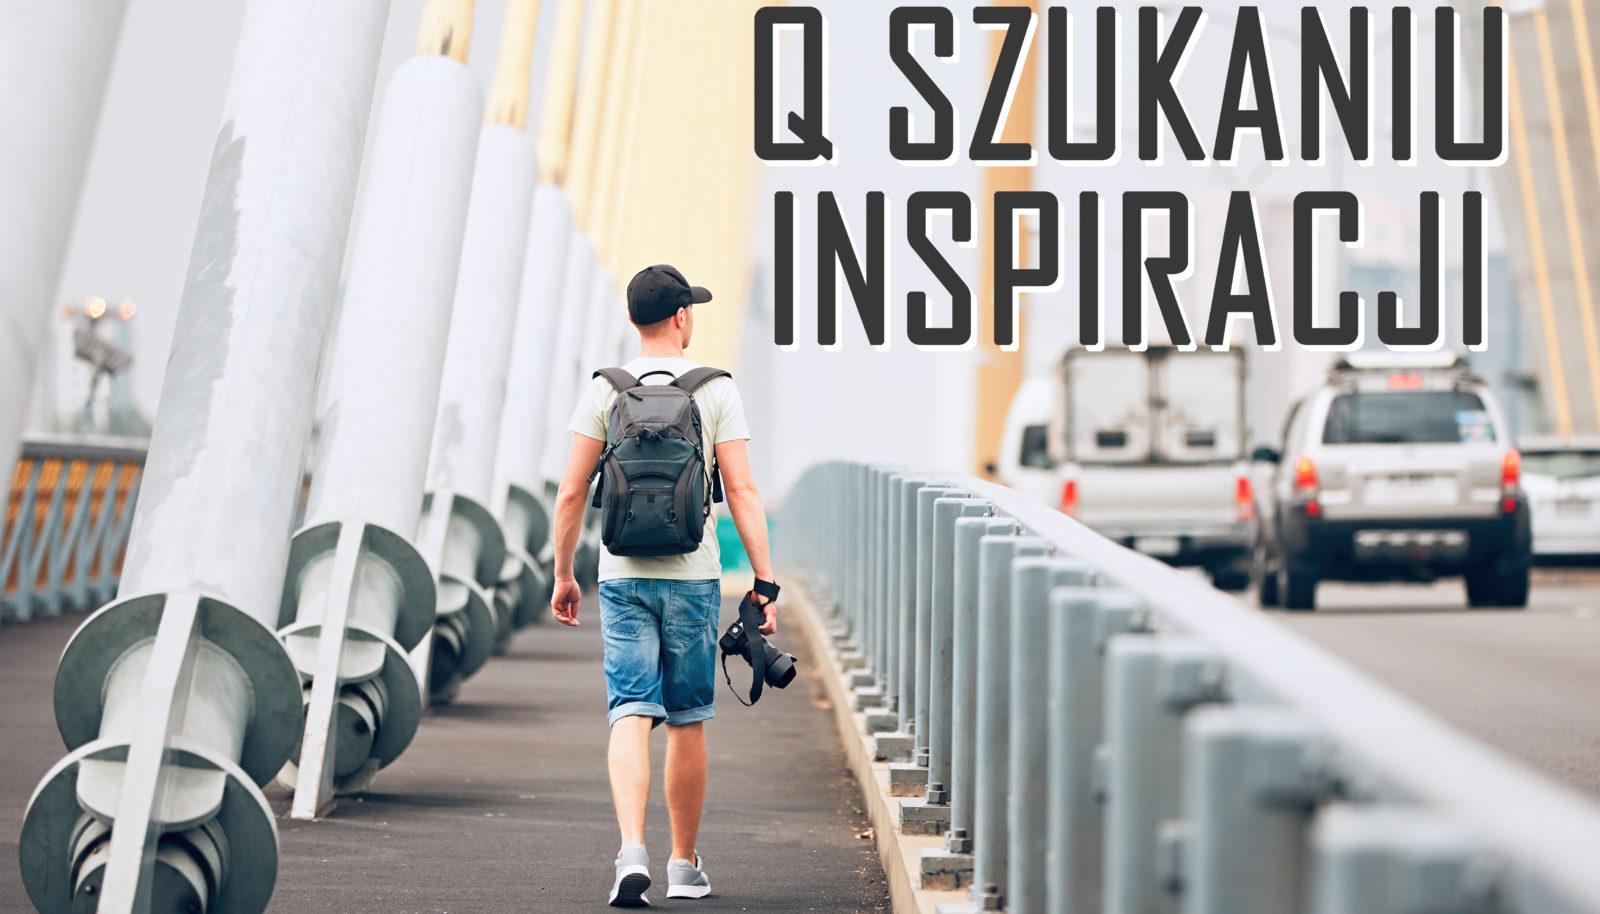 Ku szukaniu inspiracji…